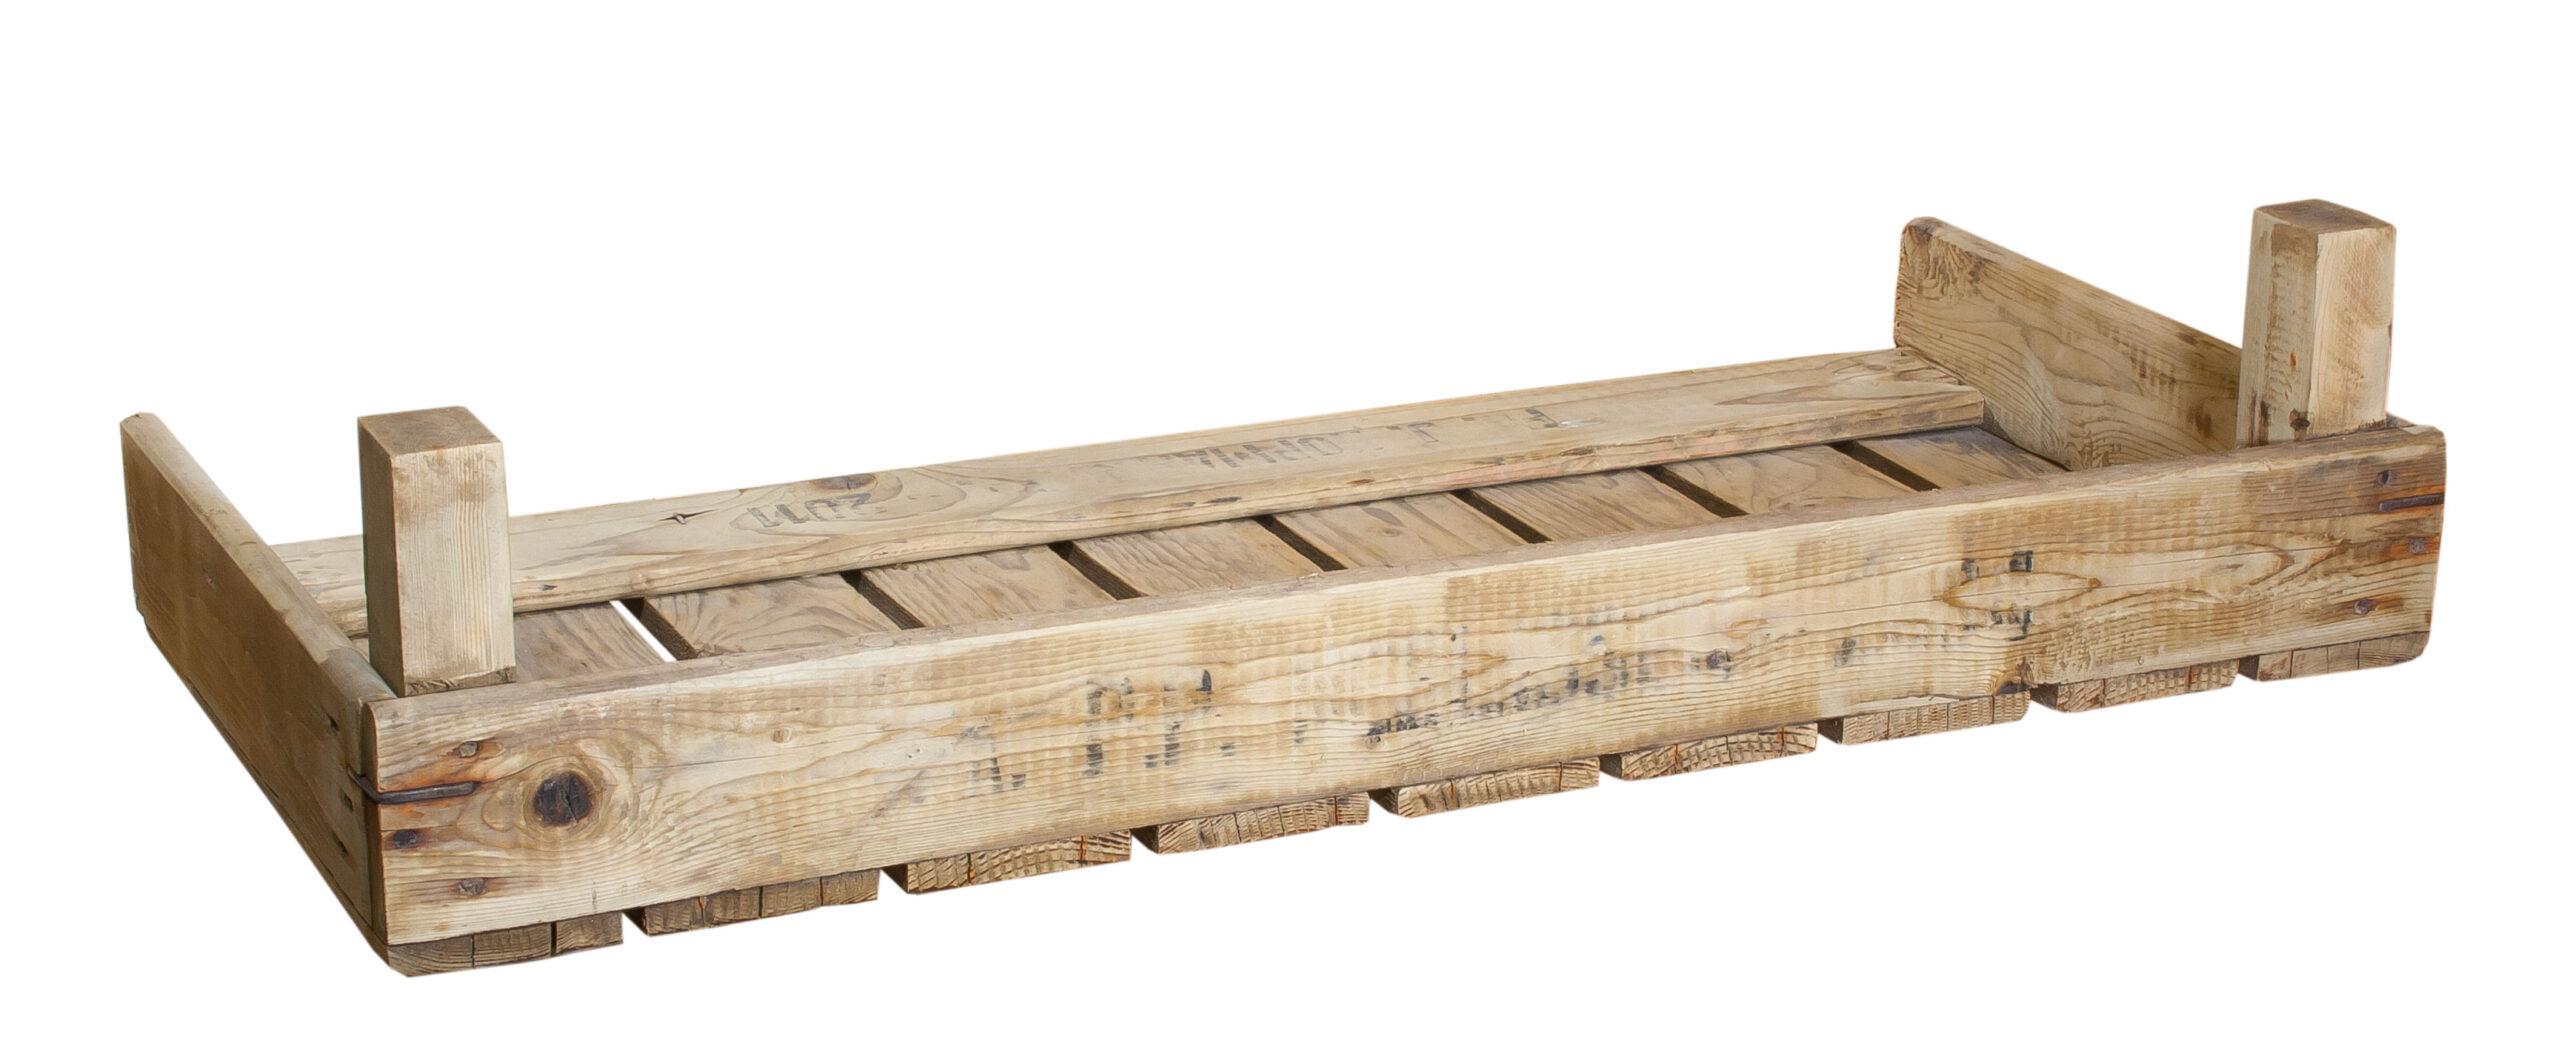 Full Size of Rustikales Regal 5cm Detailhtml Offenes Gebrauchte Regale Weiß Holz 25 Cm Tief Bad 20 60 Breit 80 Hoch Kleiderschrank Mit 30 Zum Aufhängen Hochglanz Tiefe Wohnzimmer Rustikales Regal